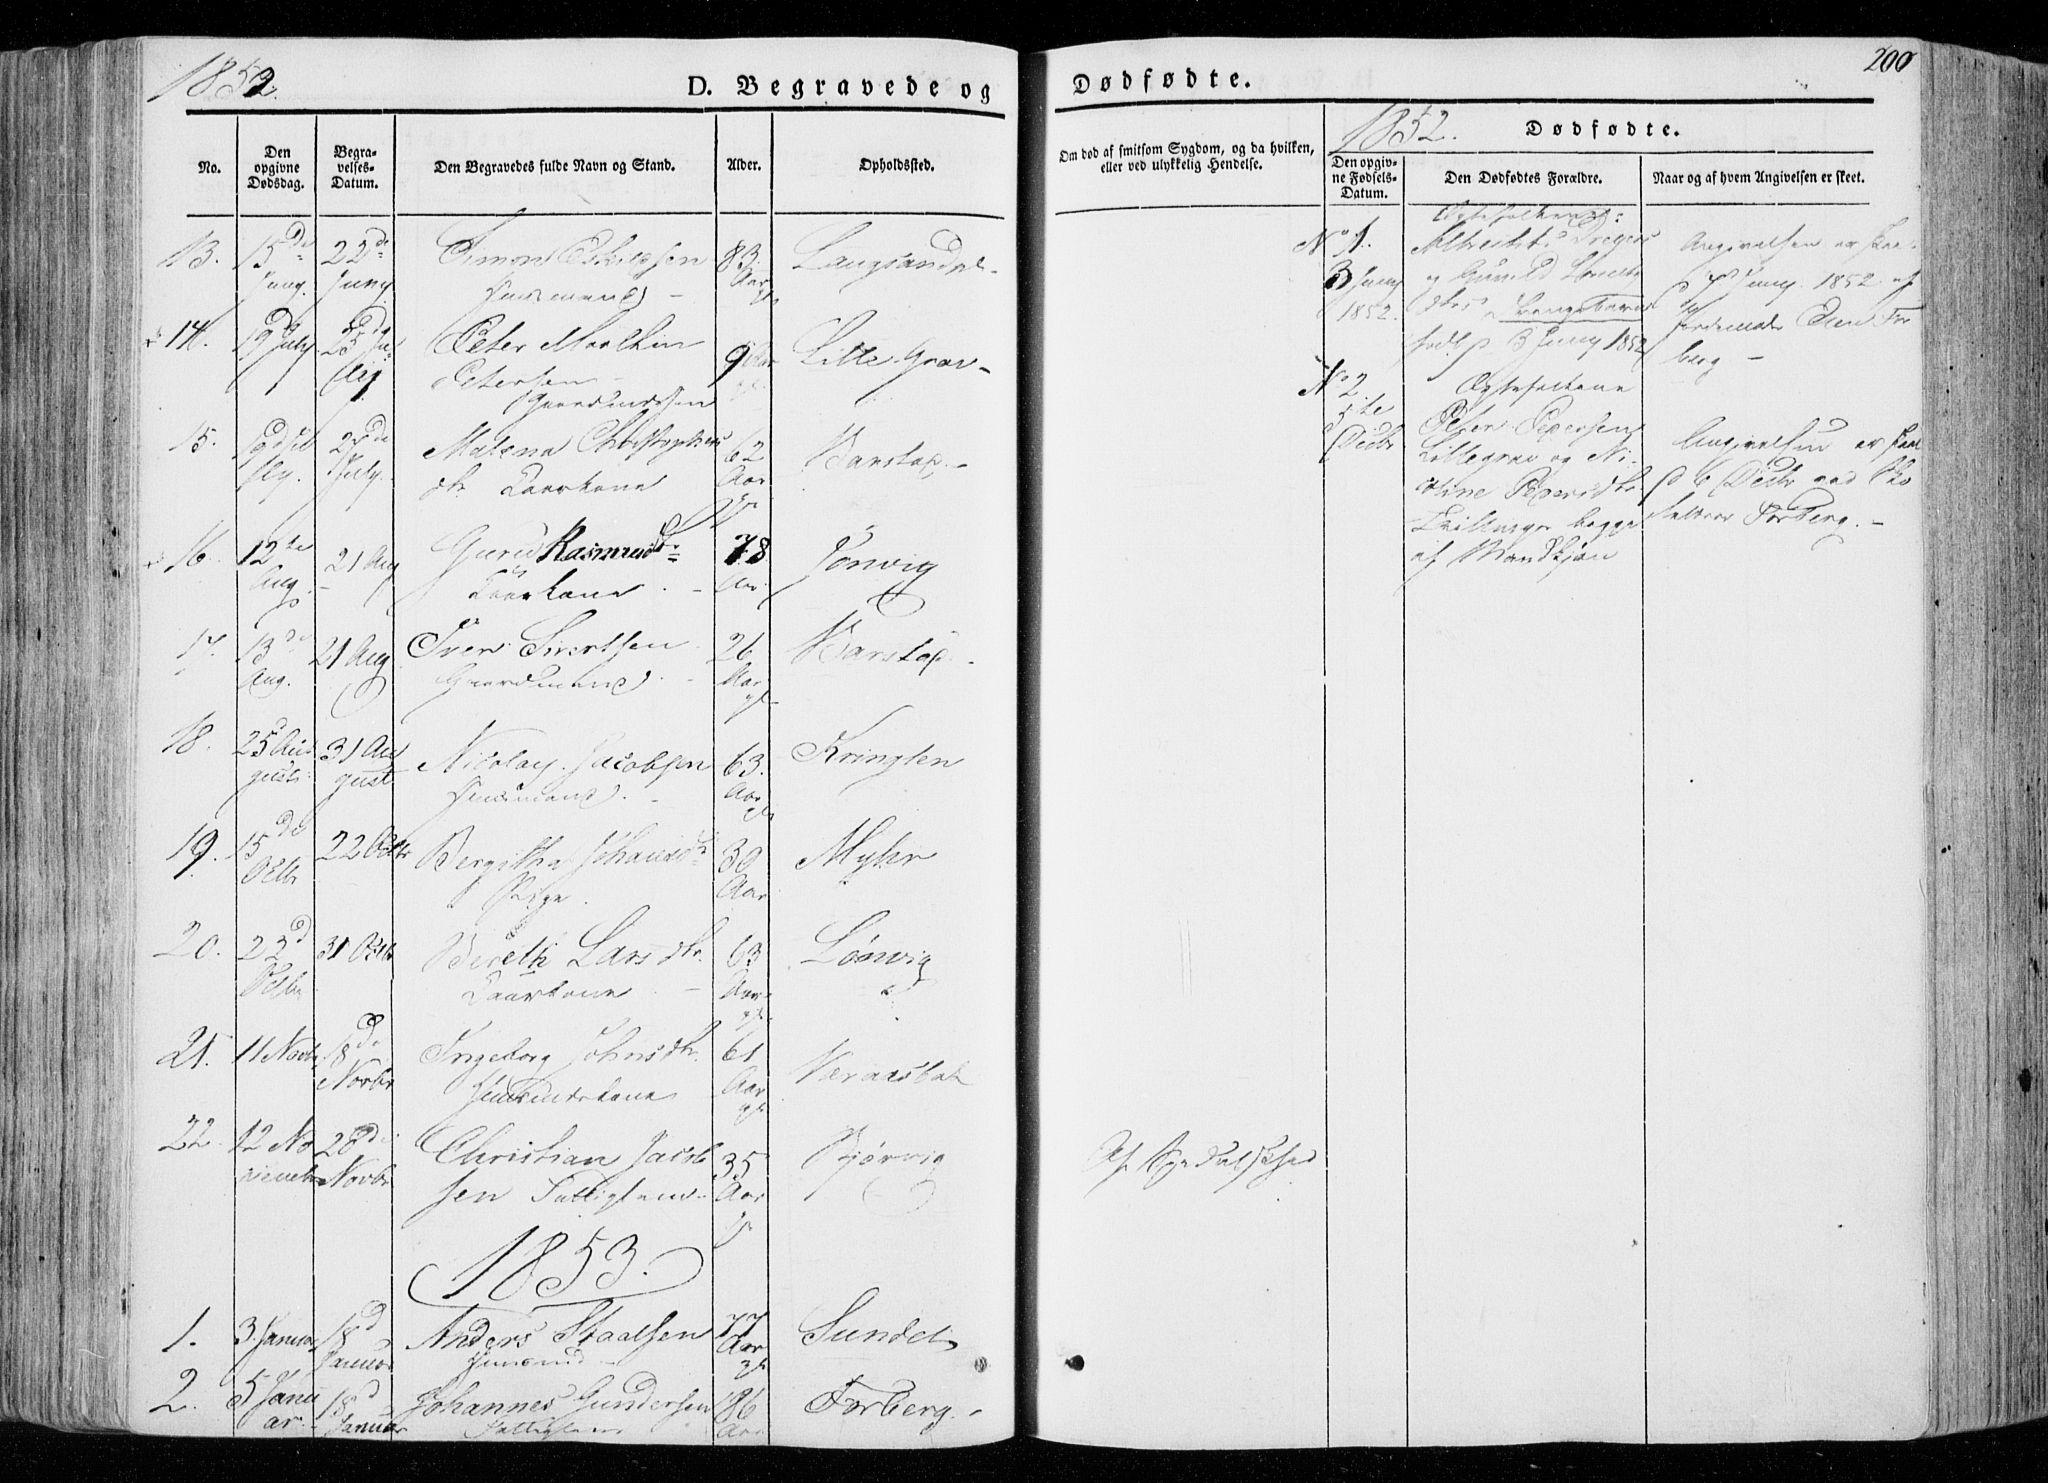 SAT, Ministerialprotokoller, klokkerbøker og fødselsregistre - Nord-Trøndelag, 722/L0218: Parish register (official) no. 722A05, 1843-1868, p. 200